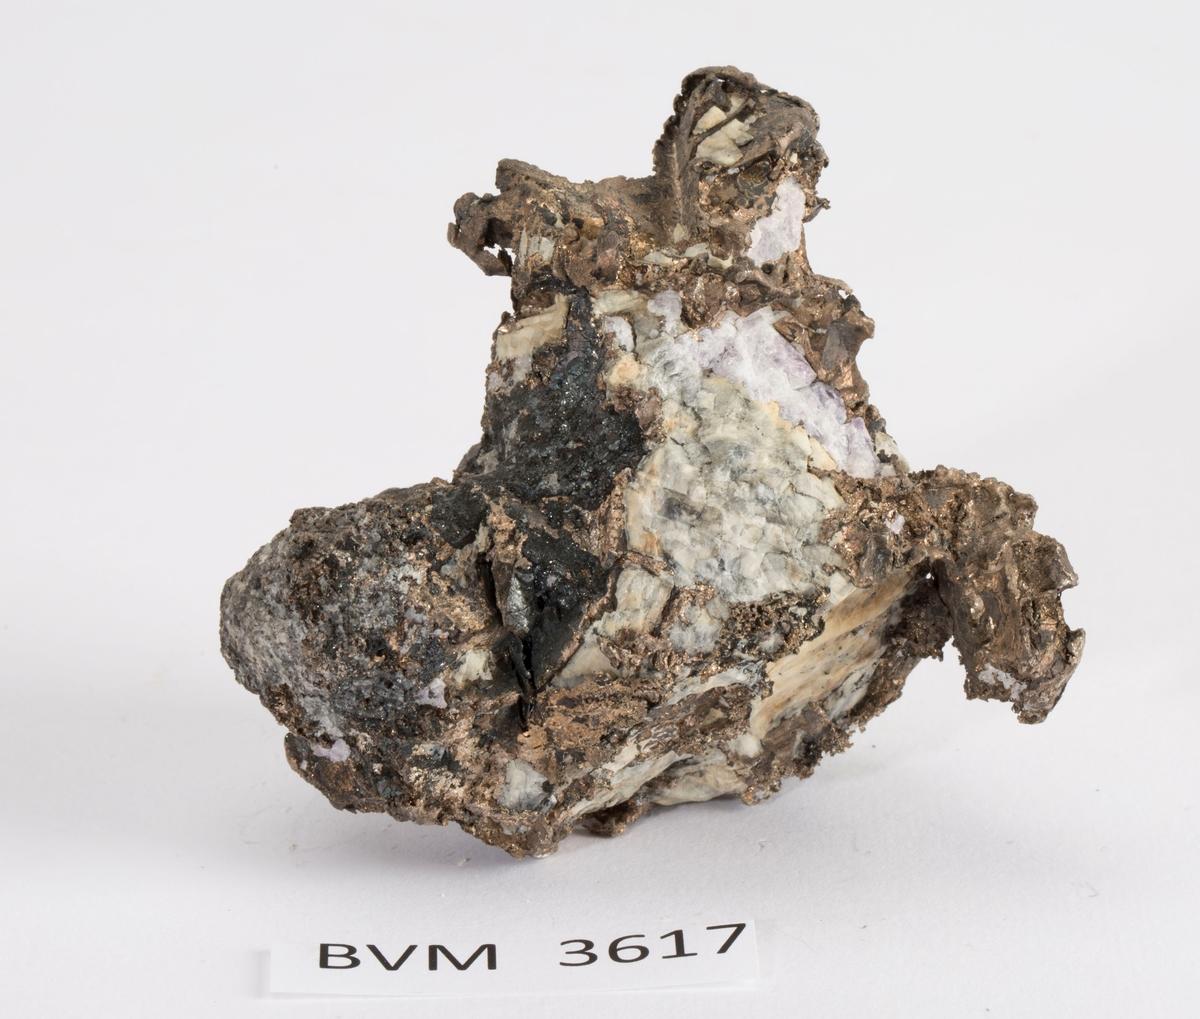 Fyllingssølv i kalsitt, med sinkblende og blyglans Gottes Hülfe gruve, Nordlige gang nr. 1, 320 m Vekt: 455,97 g